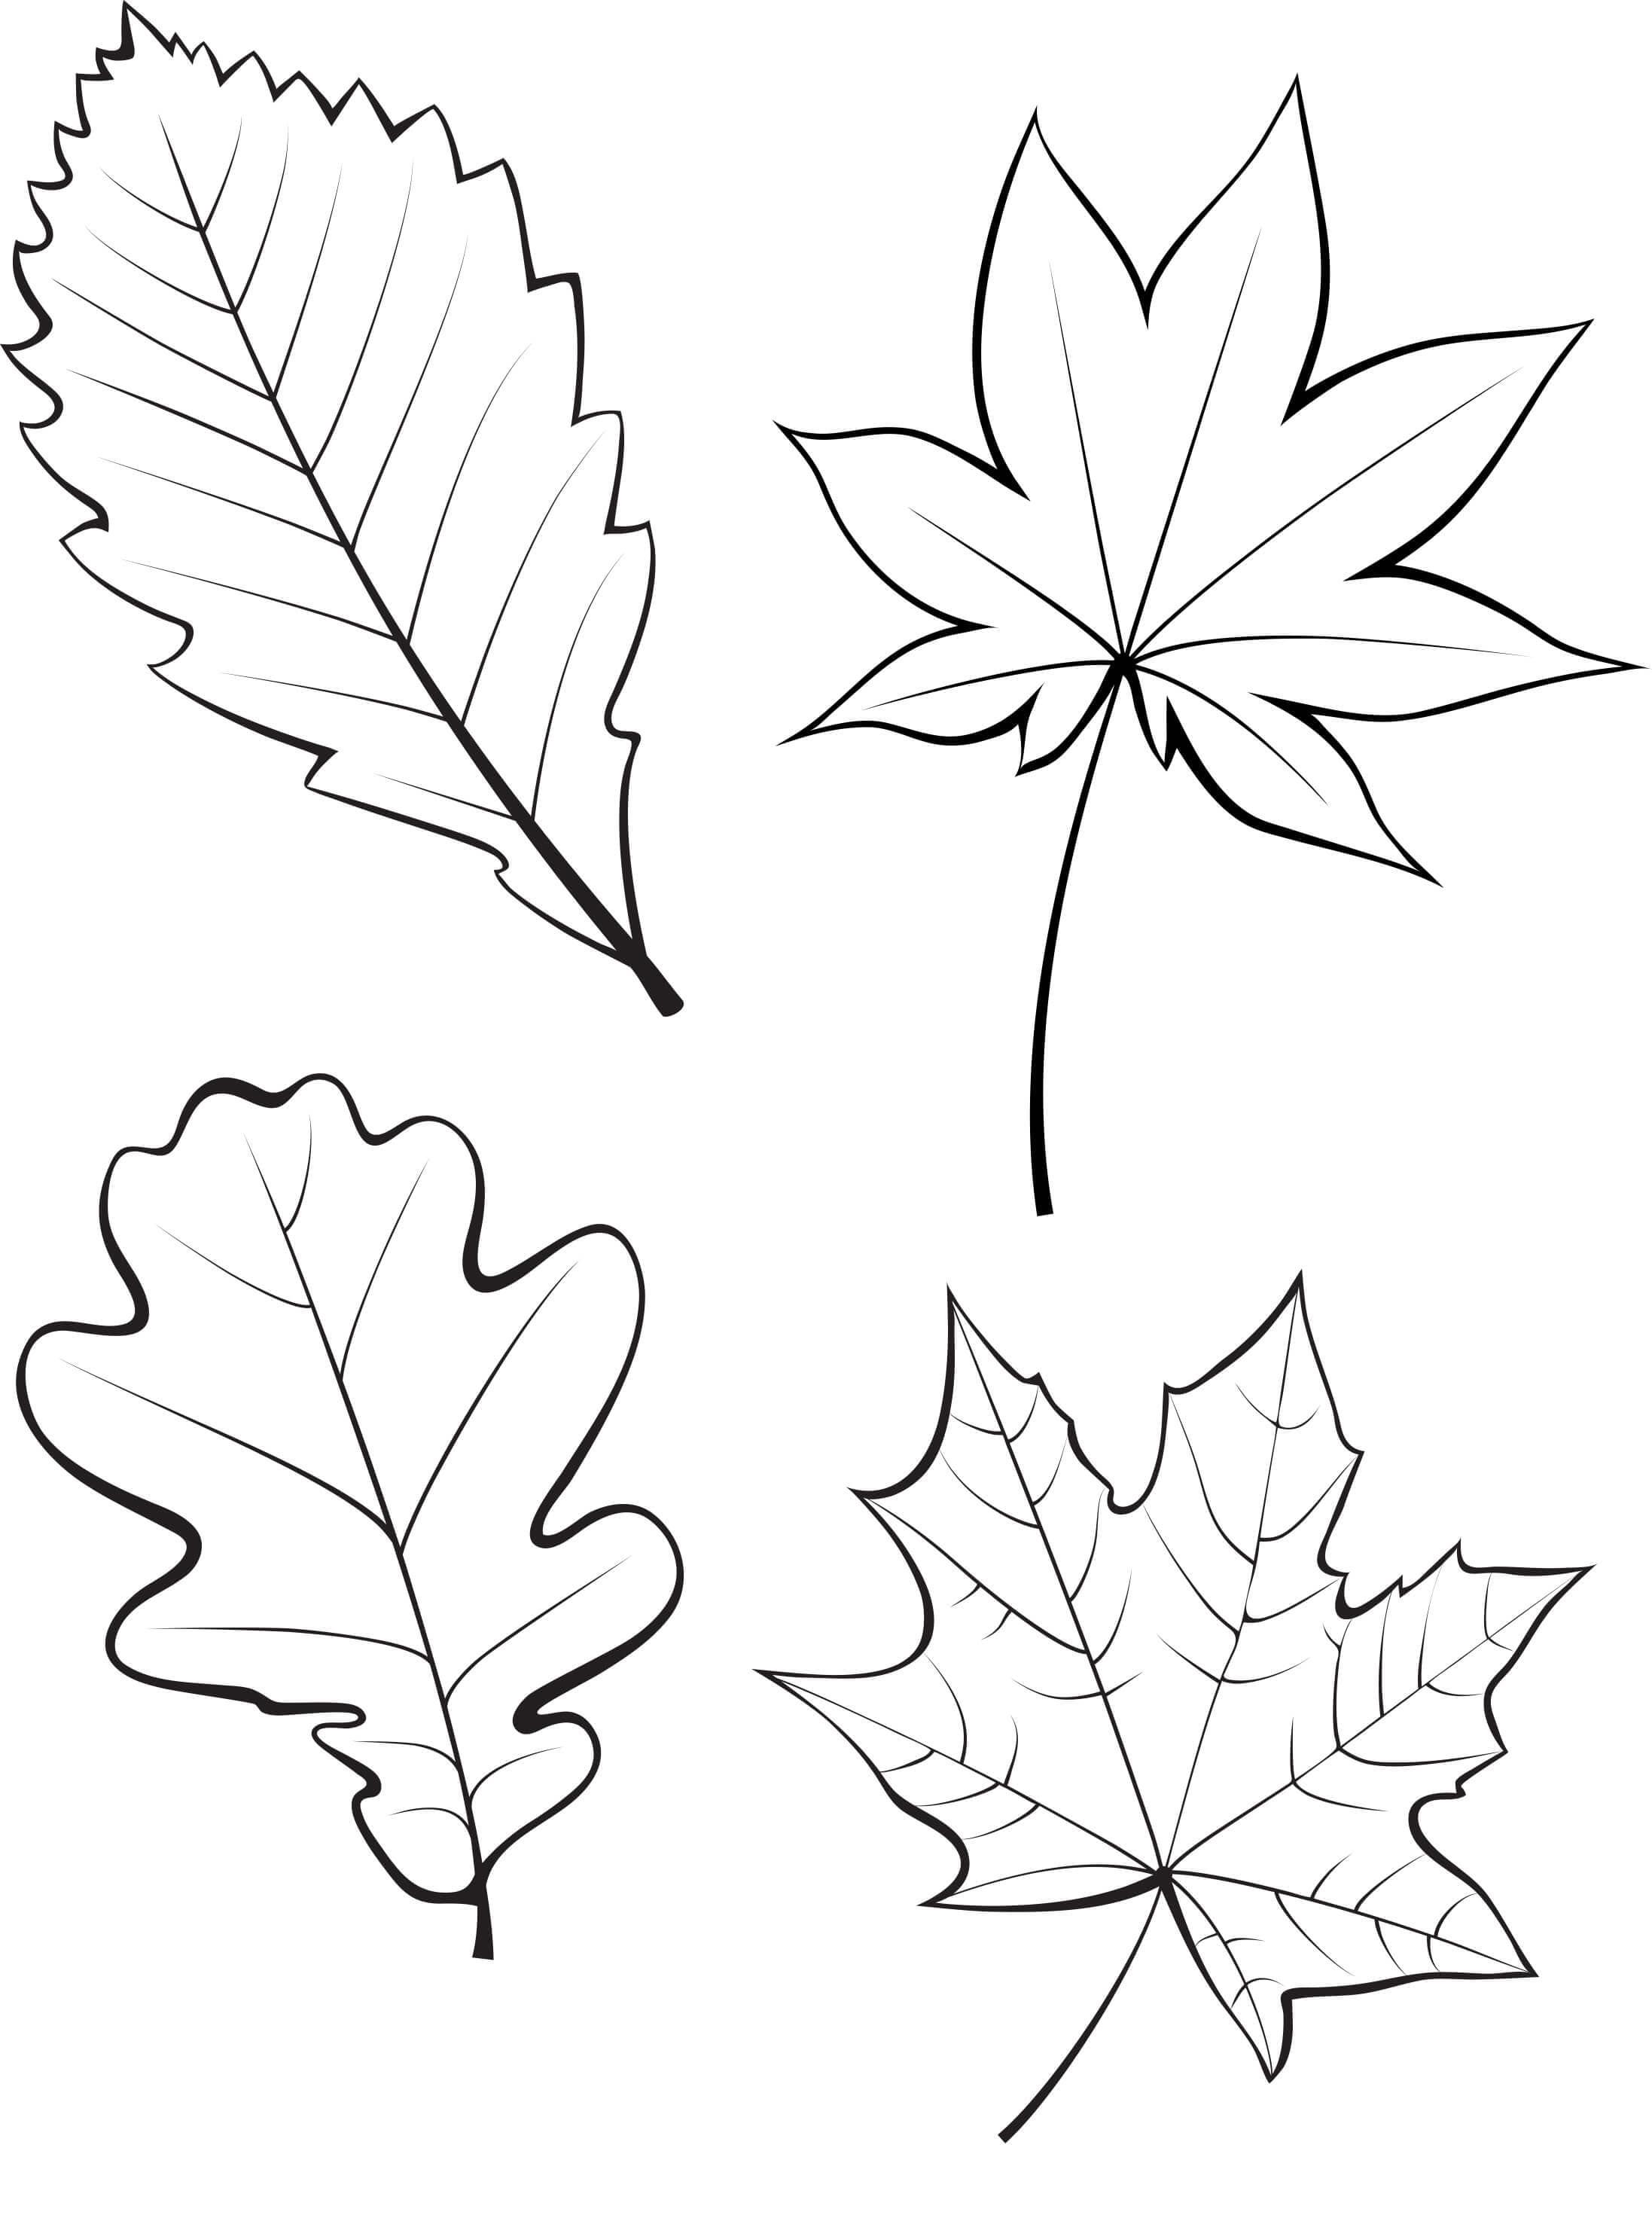 Шаблон для вырезания Осенний лист